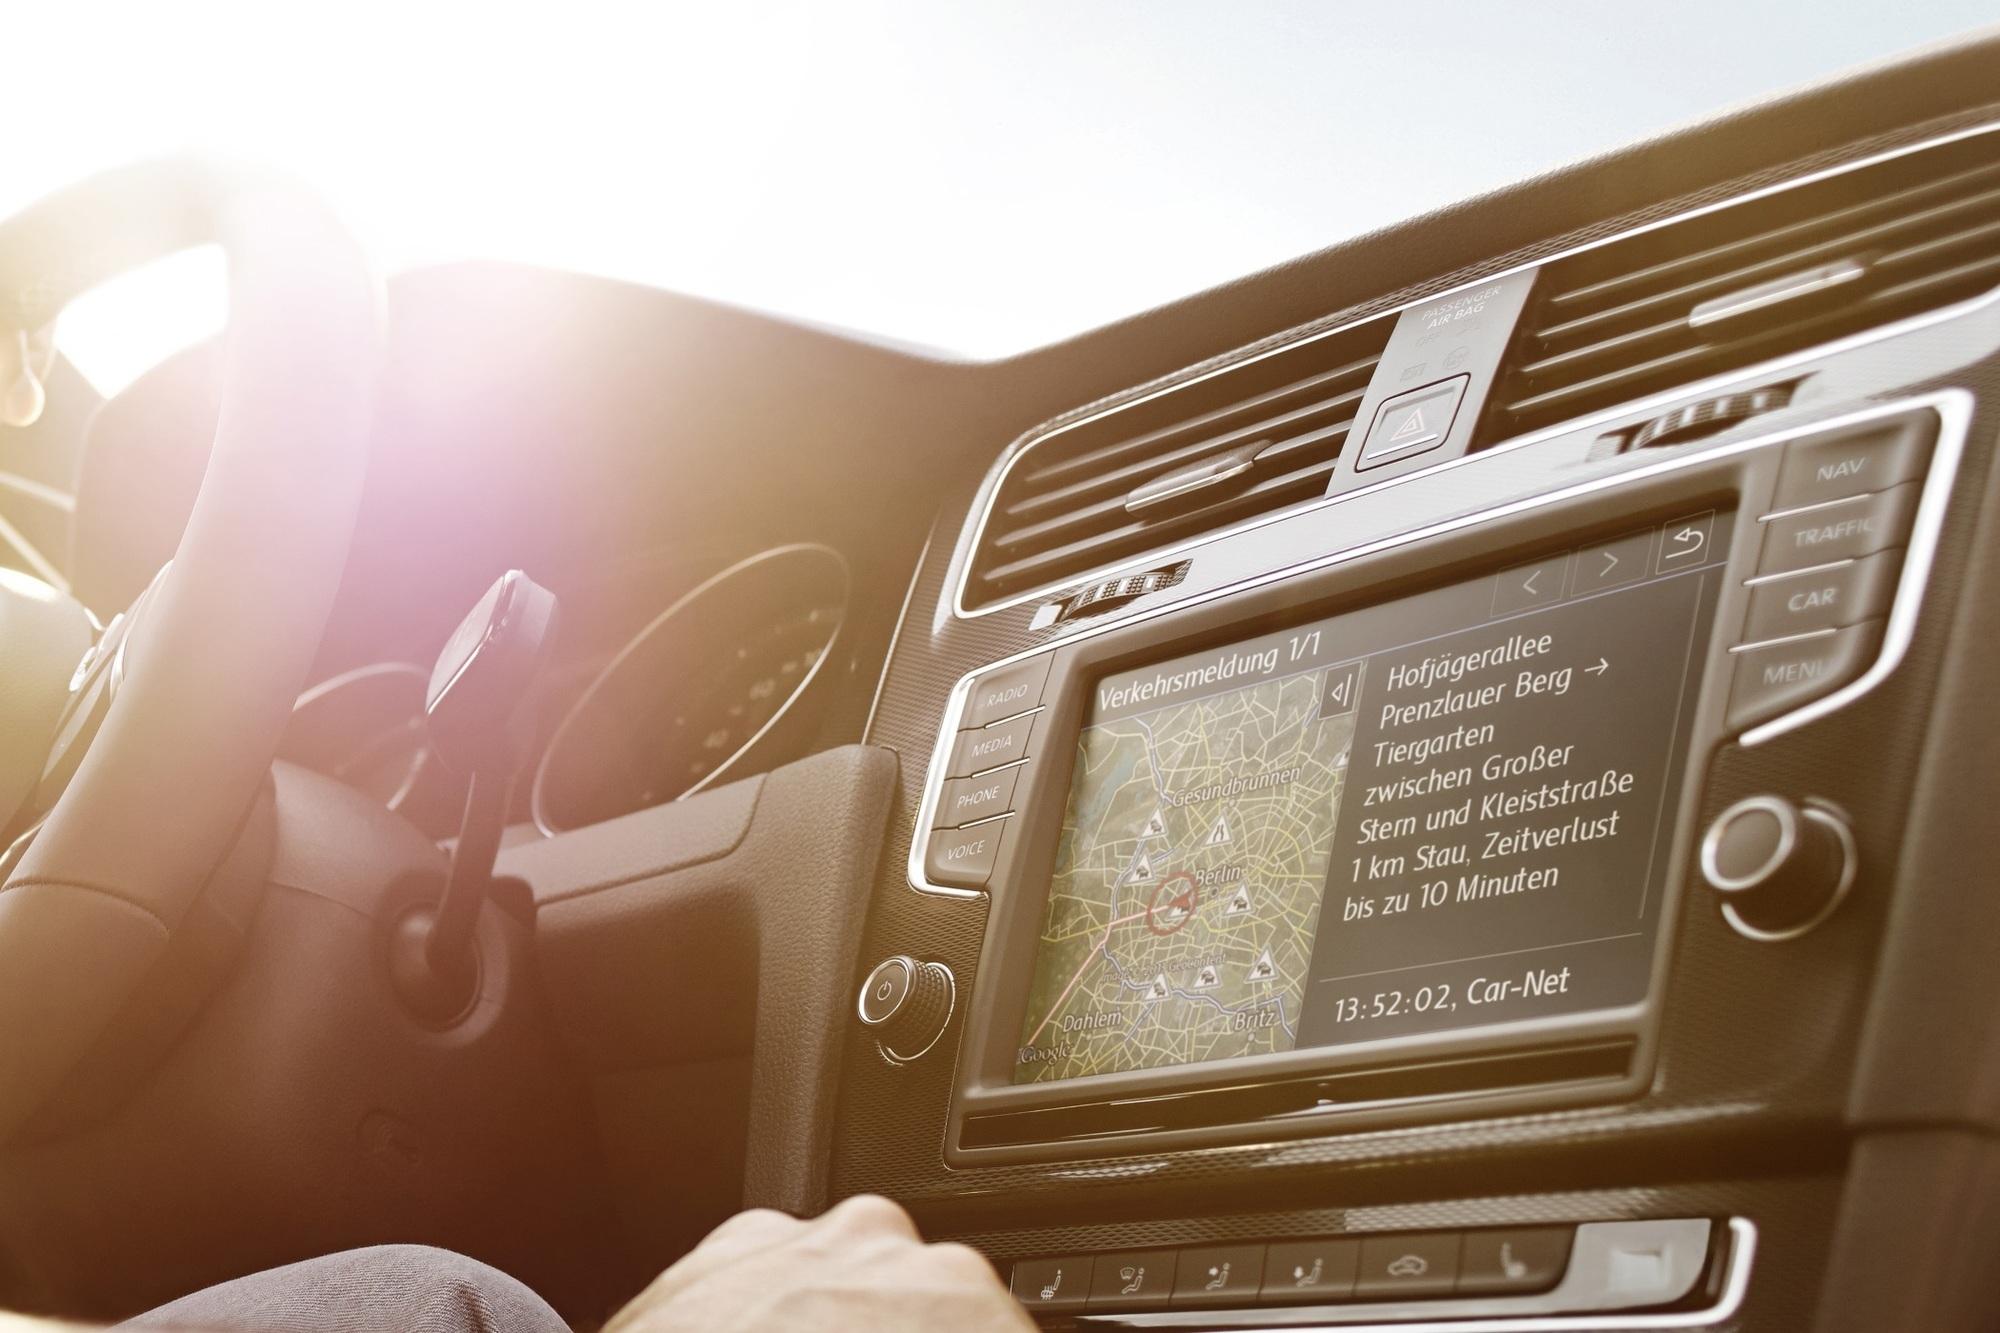 Fahrzeug-Konnektivität  - Ohne Netz unverkäuflich